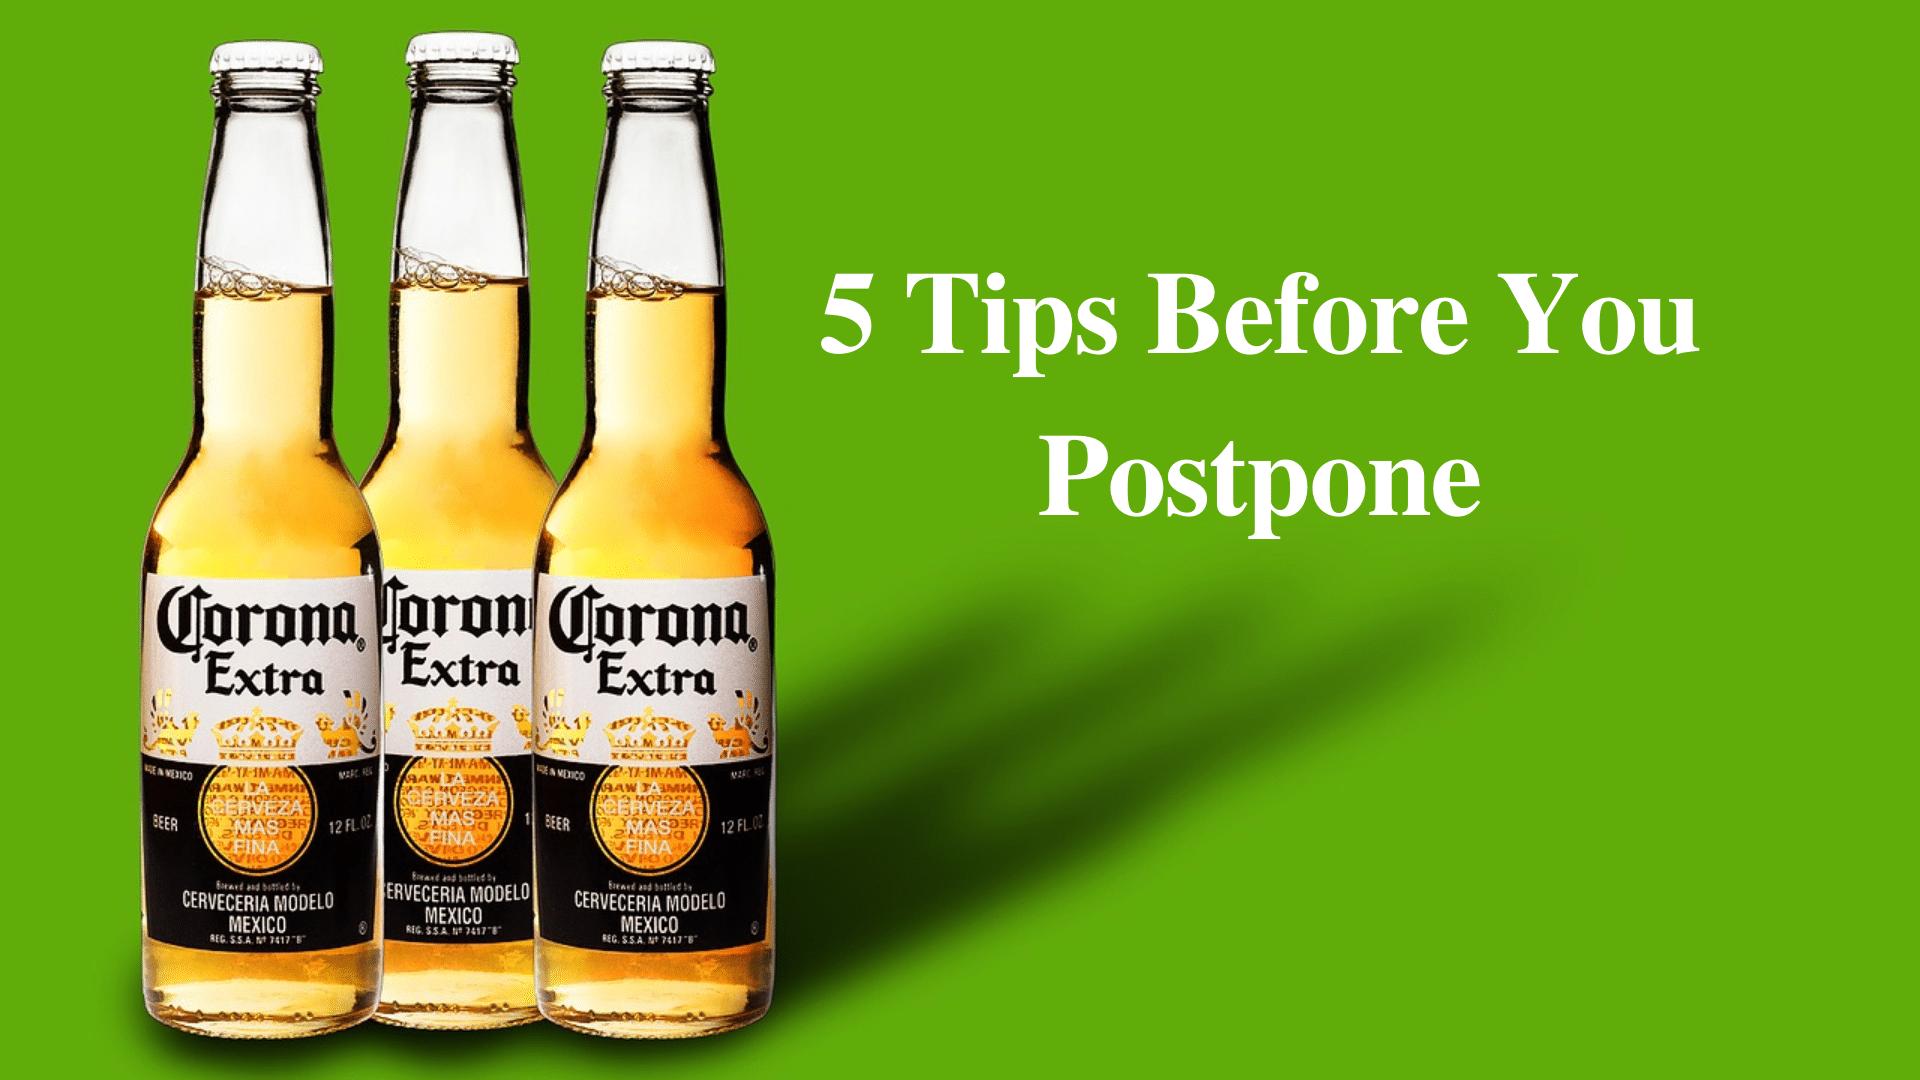 coronavirus postpone 5 tips